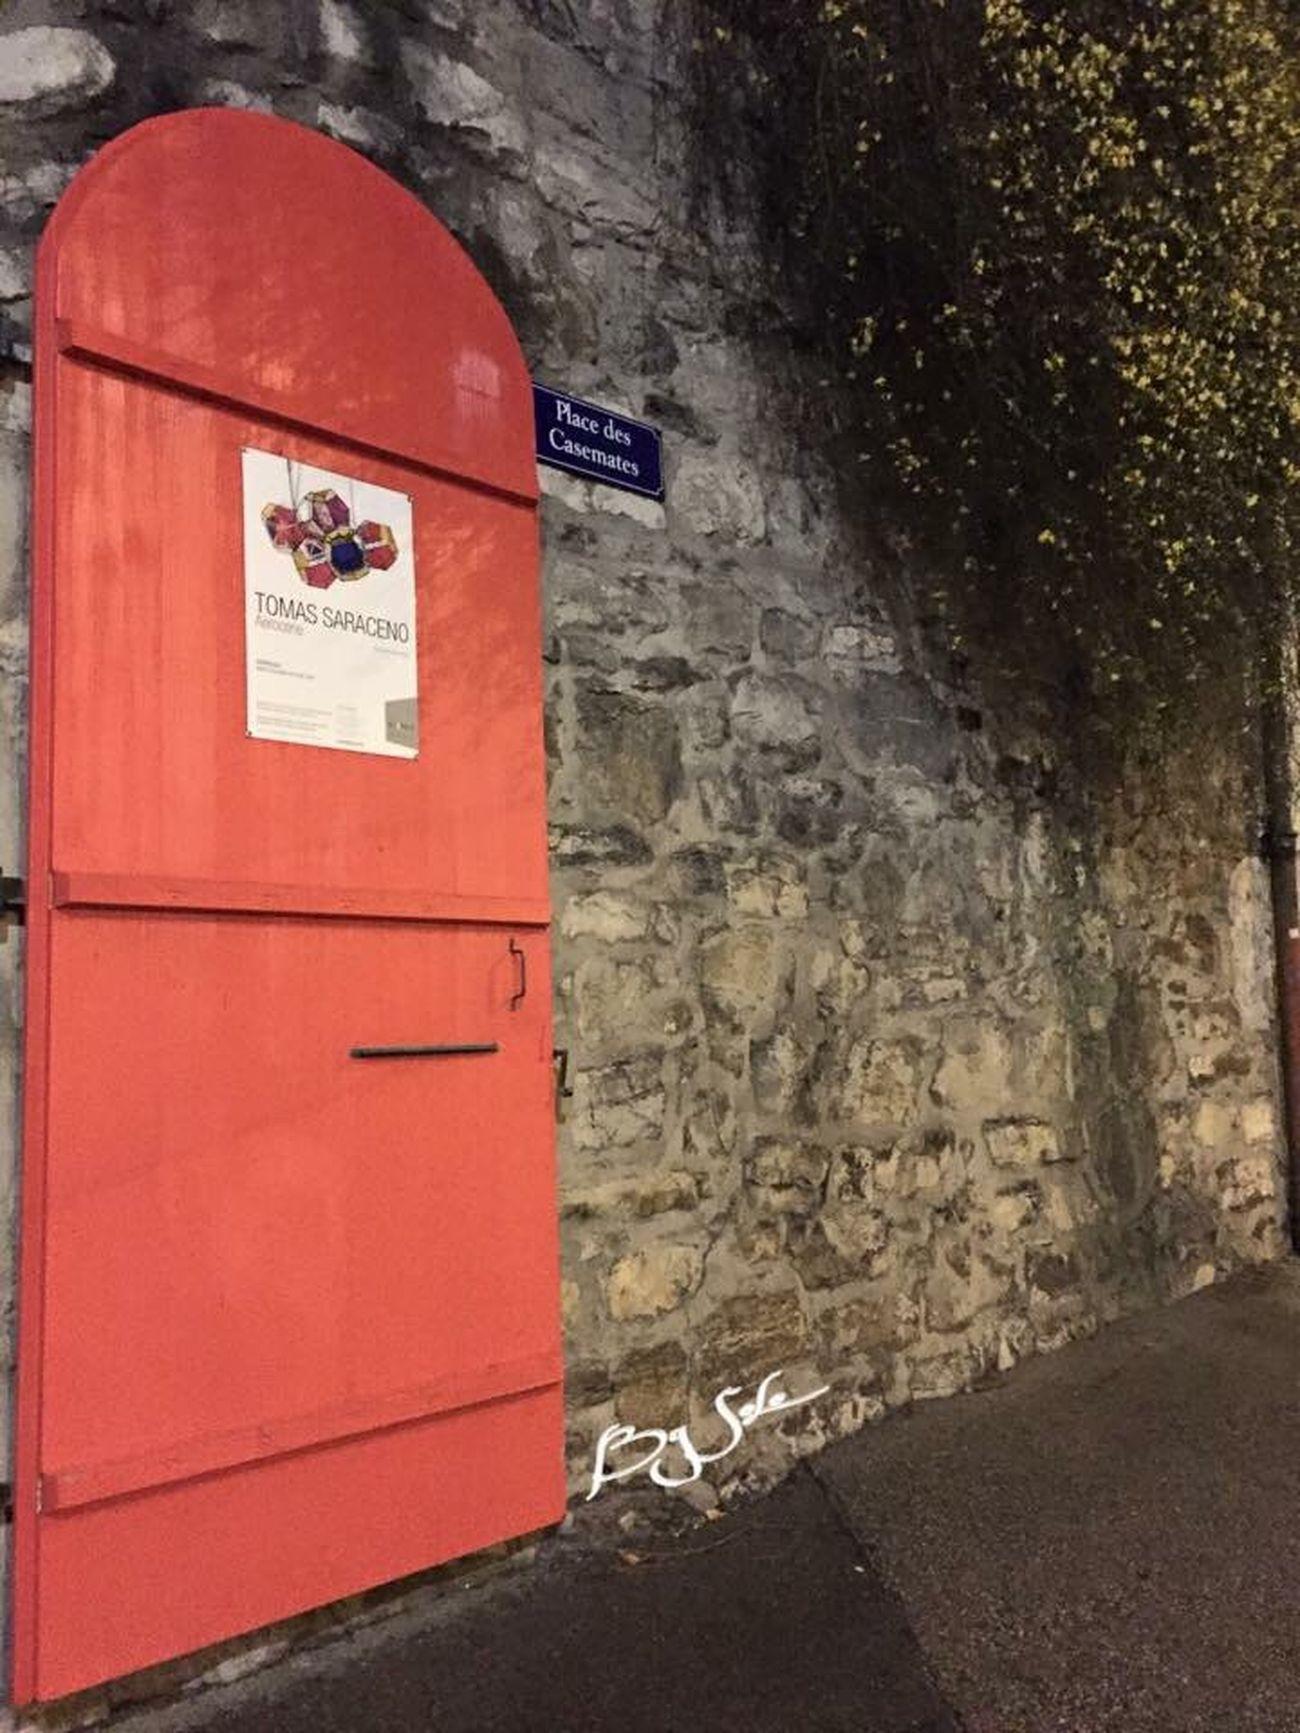 Red Architecture Porte Rouge Ville Place Vieille Ville Geneve Pierre Bois Panneau